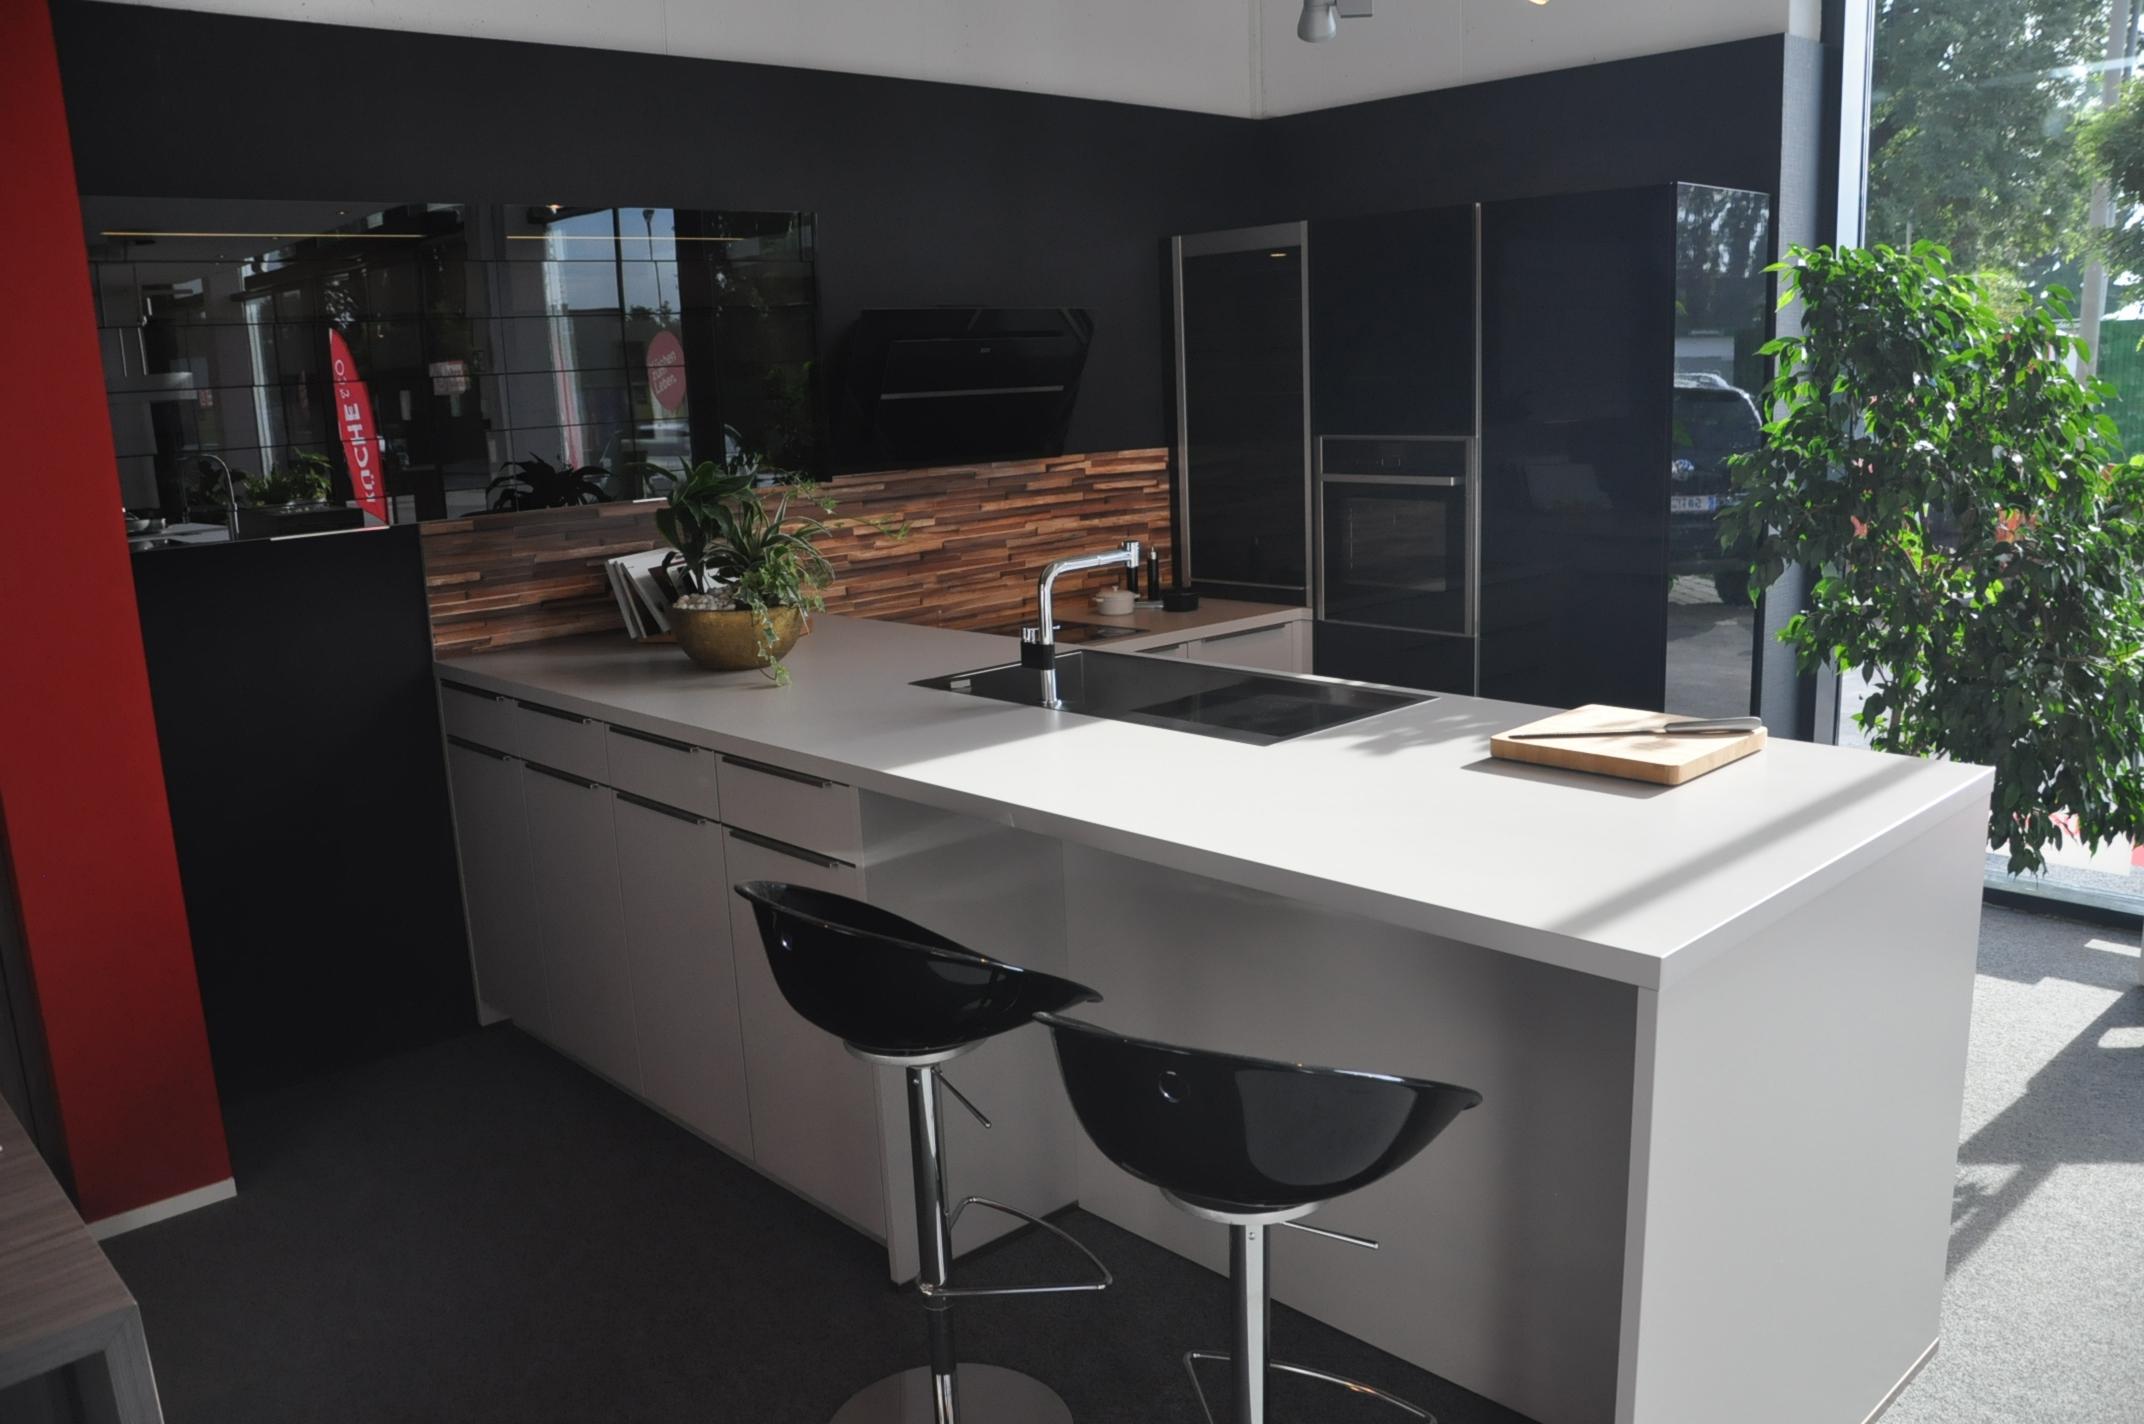 industrielle fertigung und auslieferung verarbeitende industrie gro handel in graz infobel. Black Bedroom Furniture Sets. Home Design Ideas